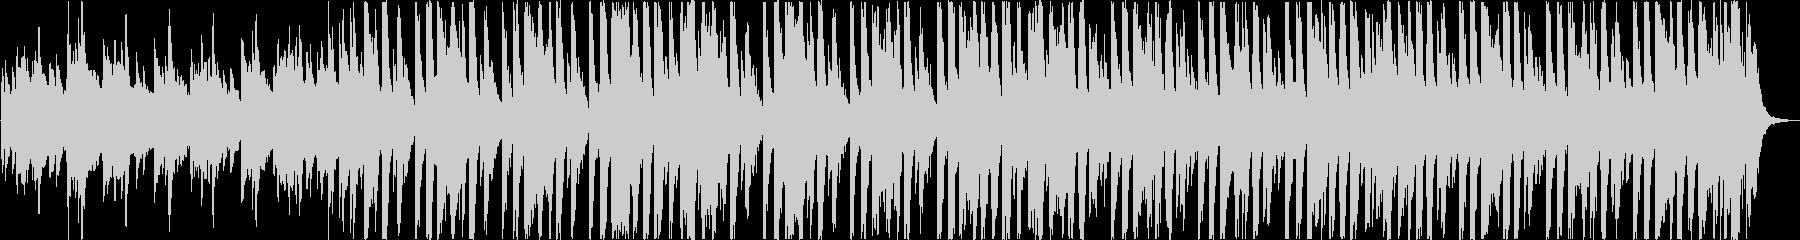 かわいいレトロ軽快エレクトロポップbの未再生の波形